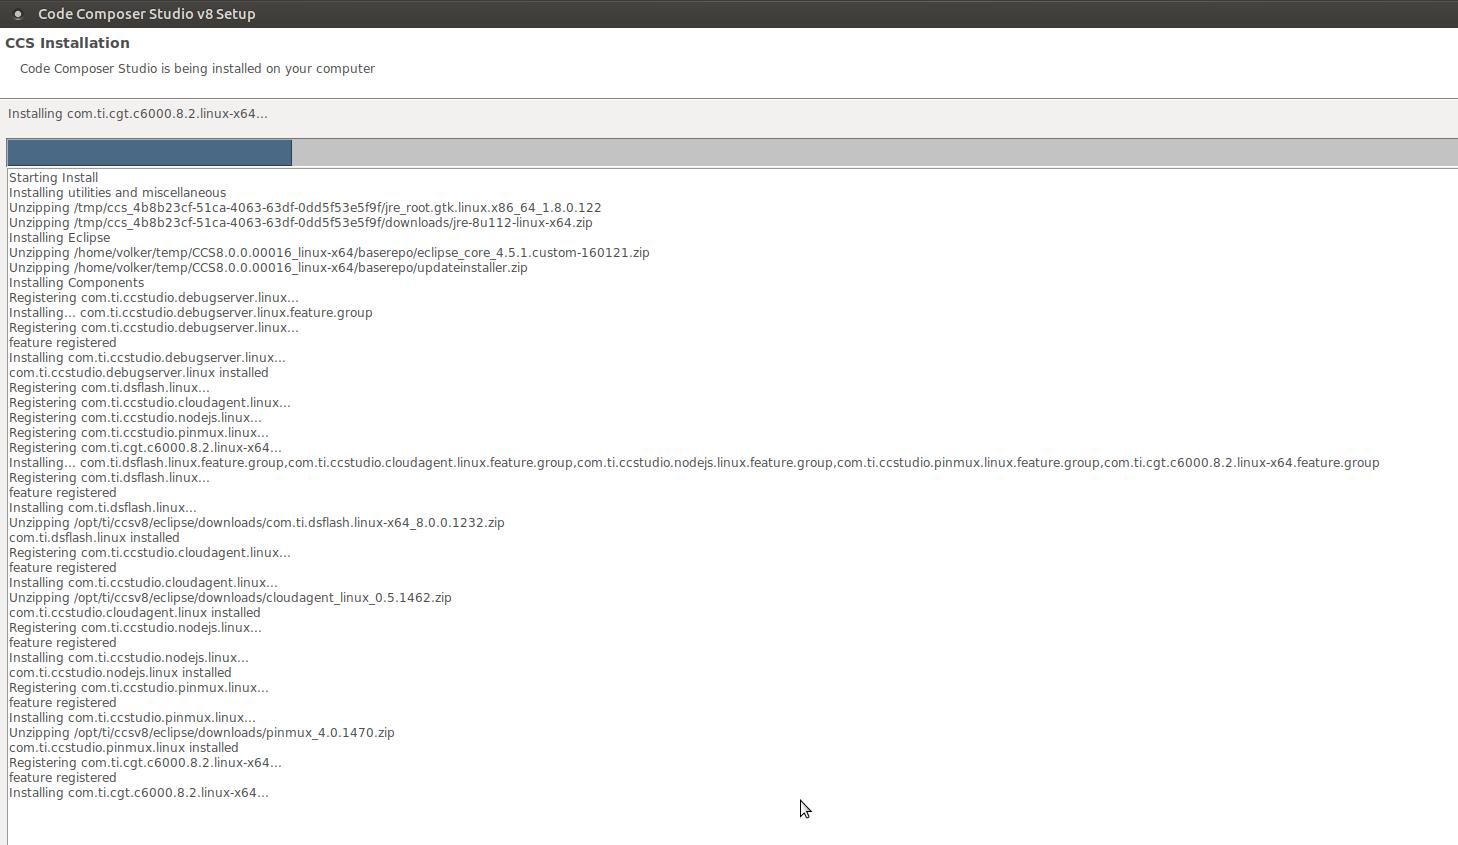 Resolved] CCS/CCSTUDIO: CCSv8 installation stuck for Ubuntu